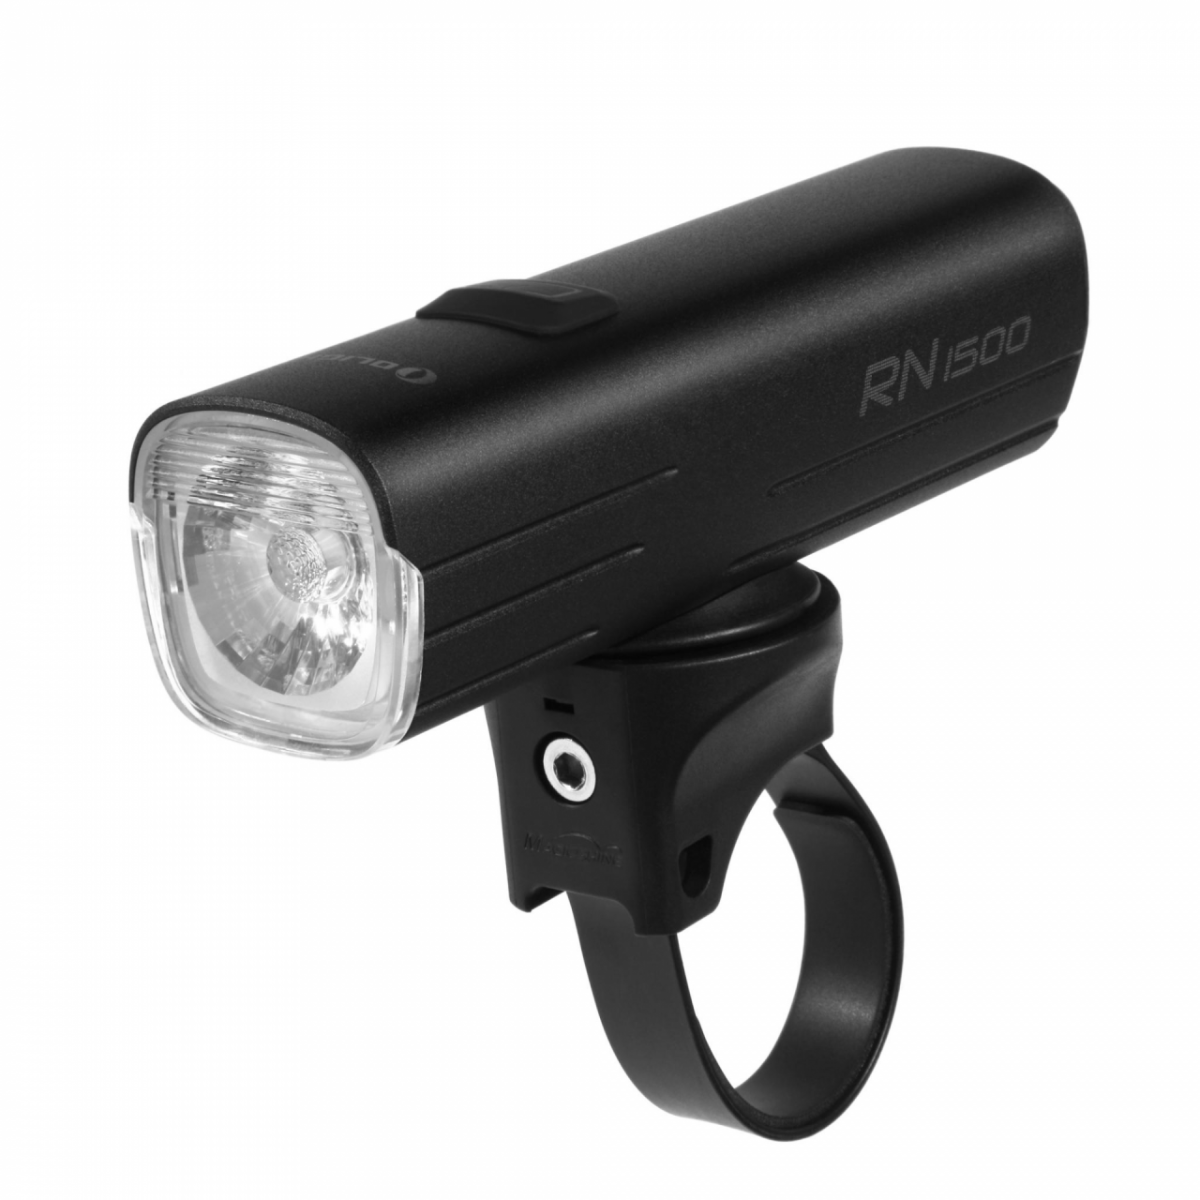 Olight RN 1500 bike headlight